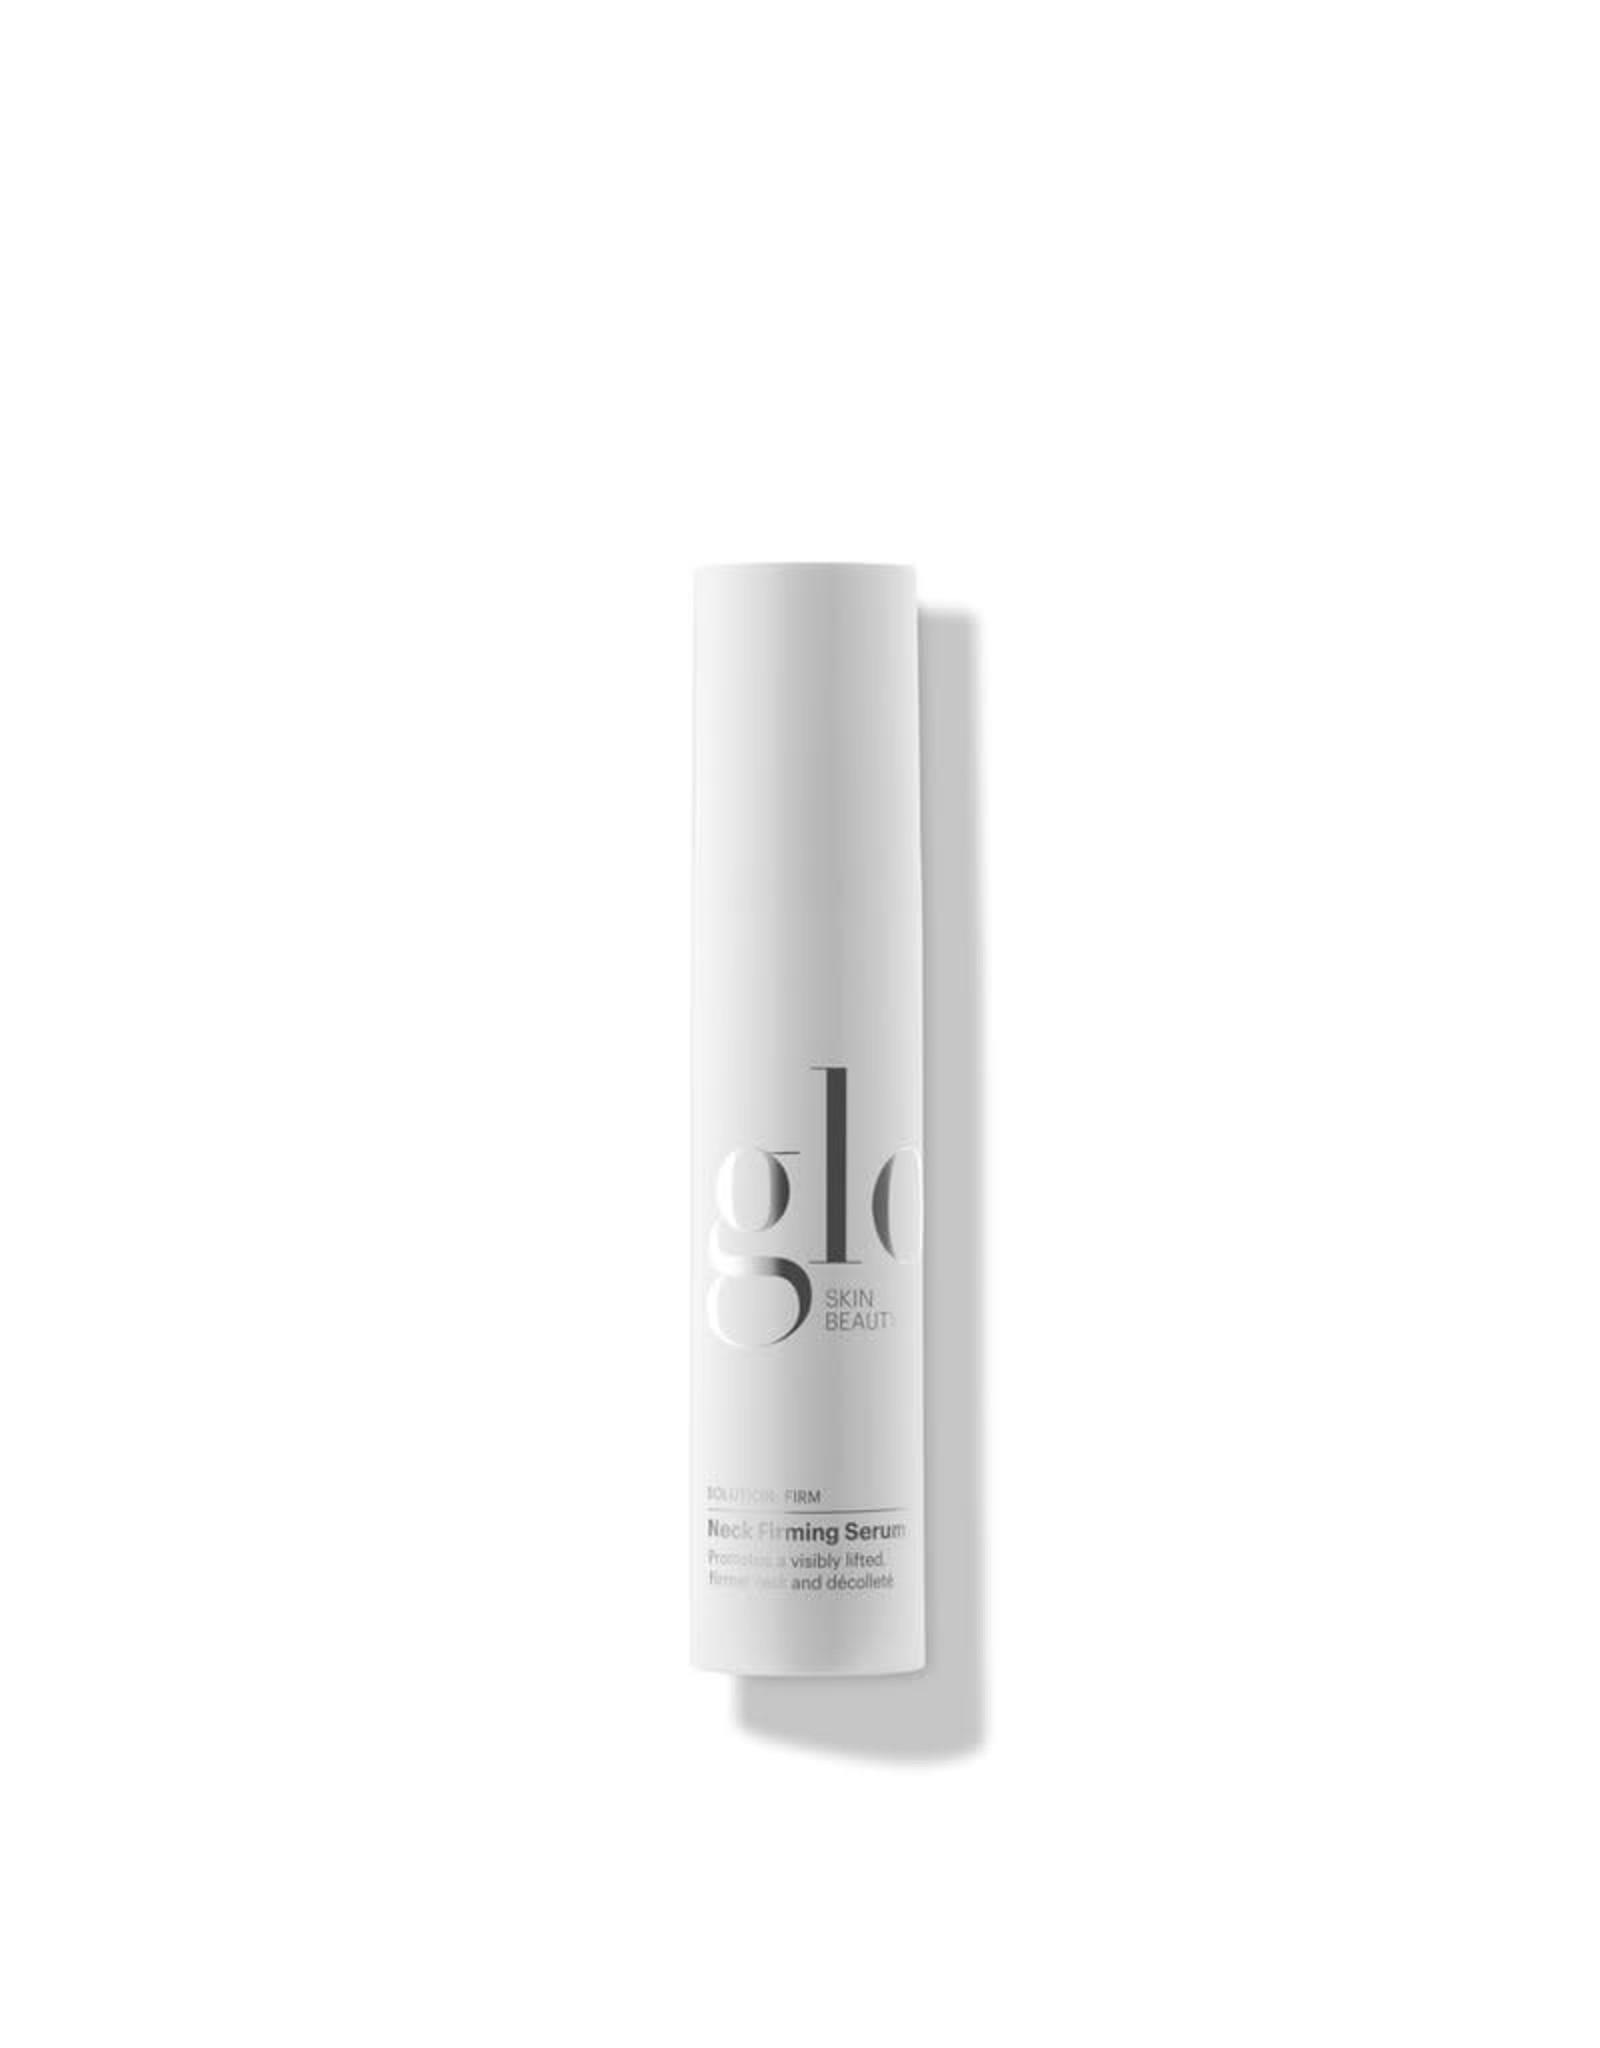 Glo Skin Beauty Neck Firming Serum